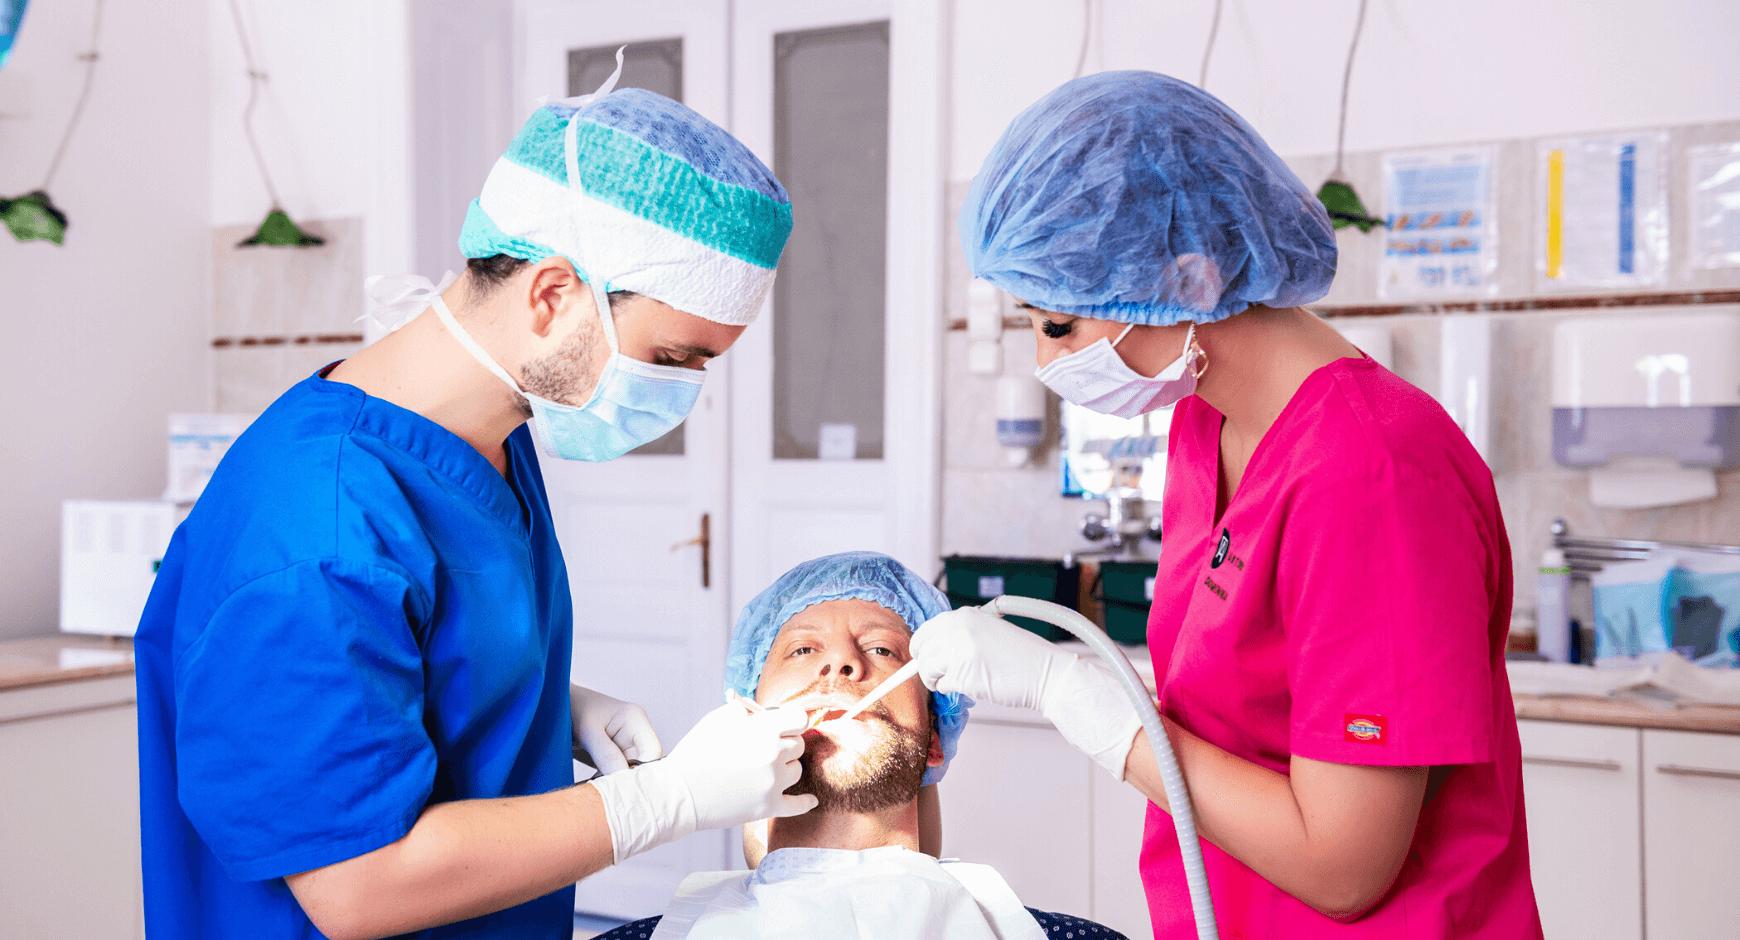 Ajakherpesz kezelése közben Dr. Varajti Artúr és páciense.